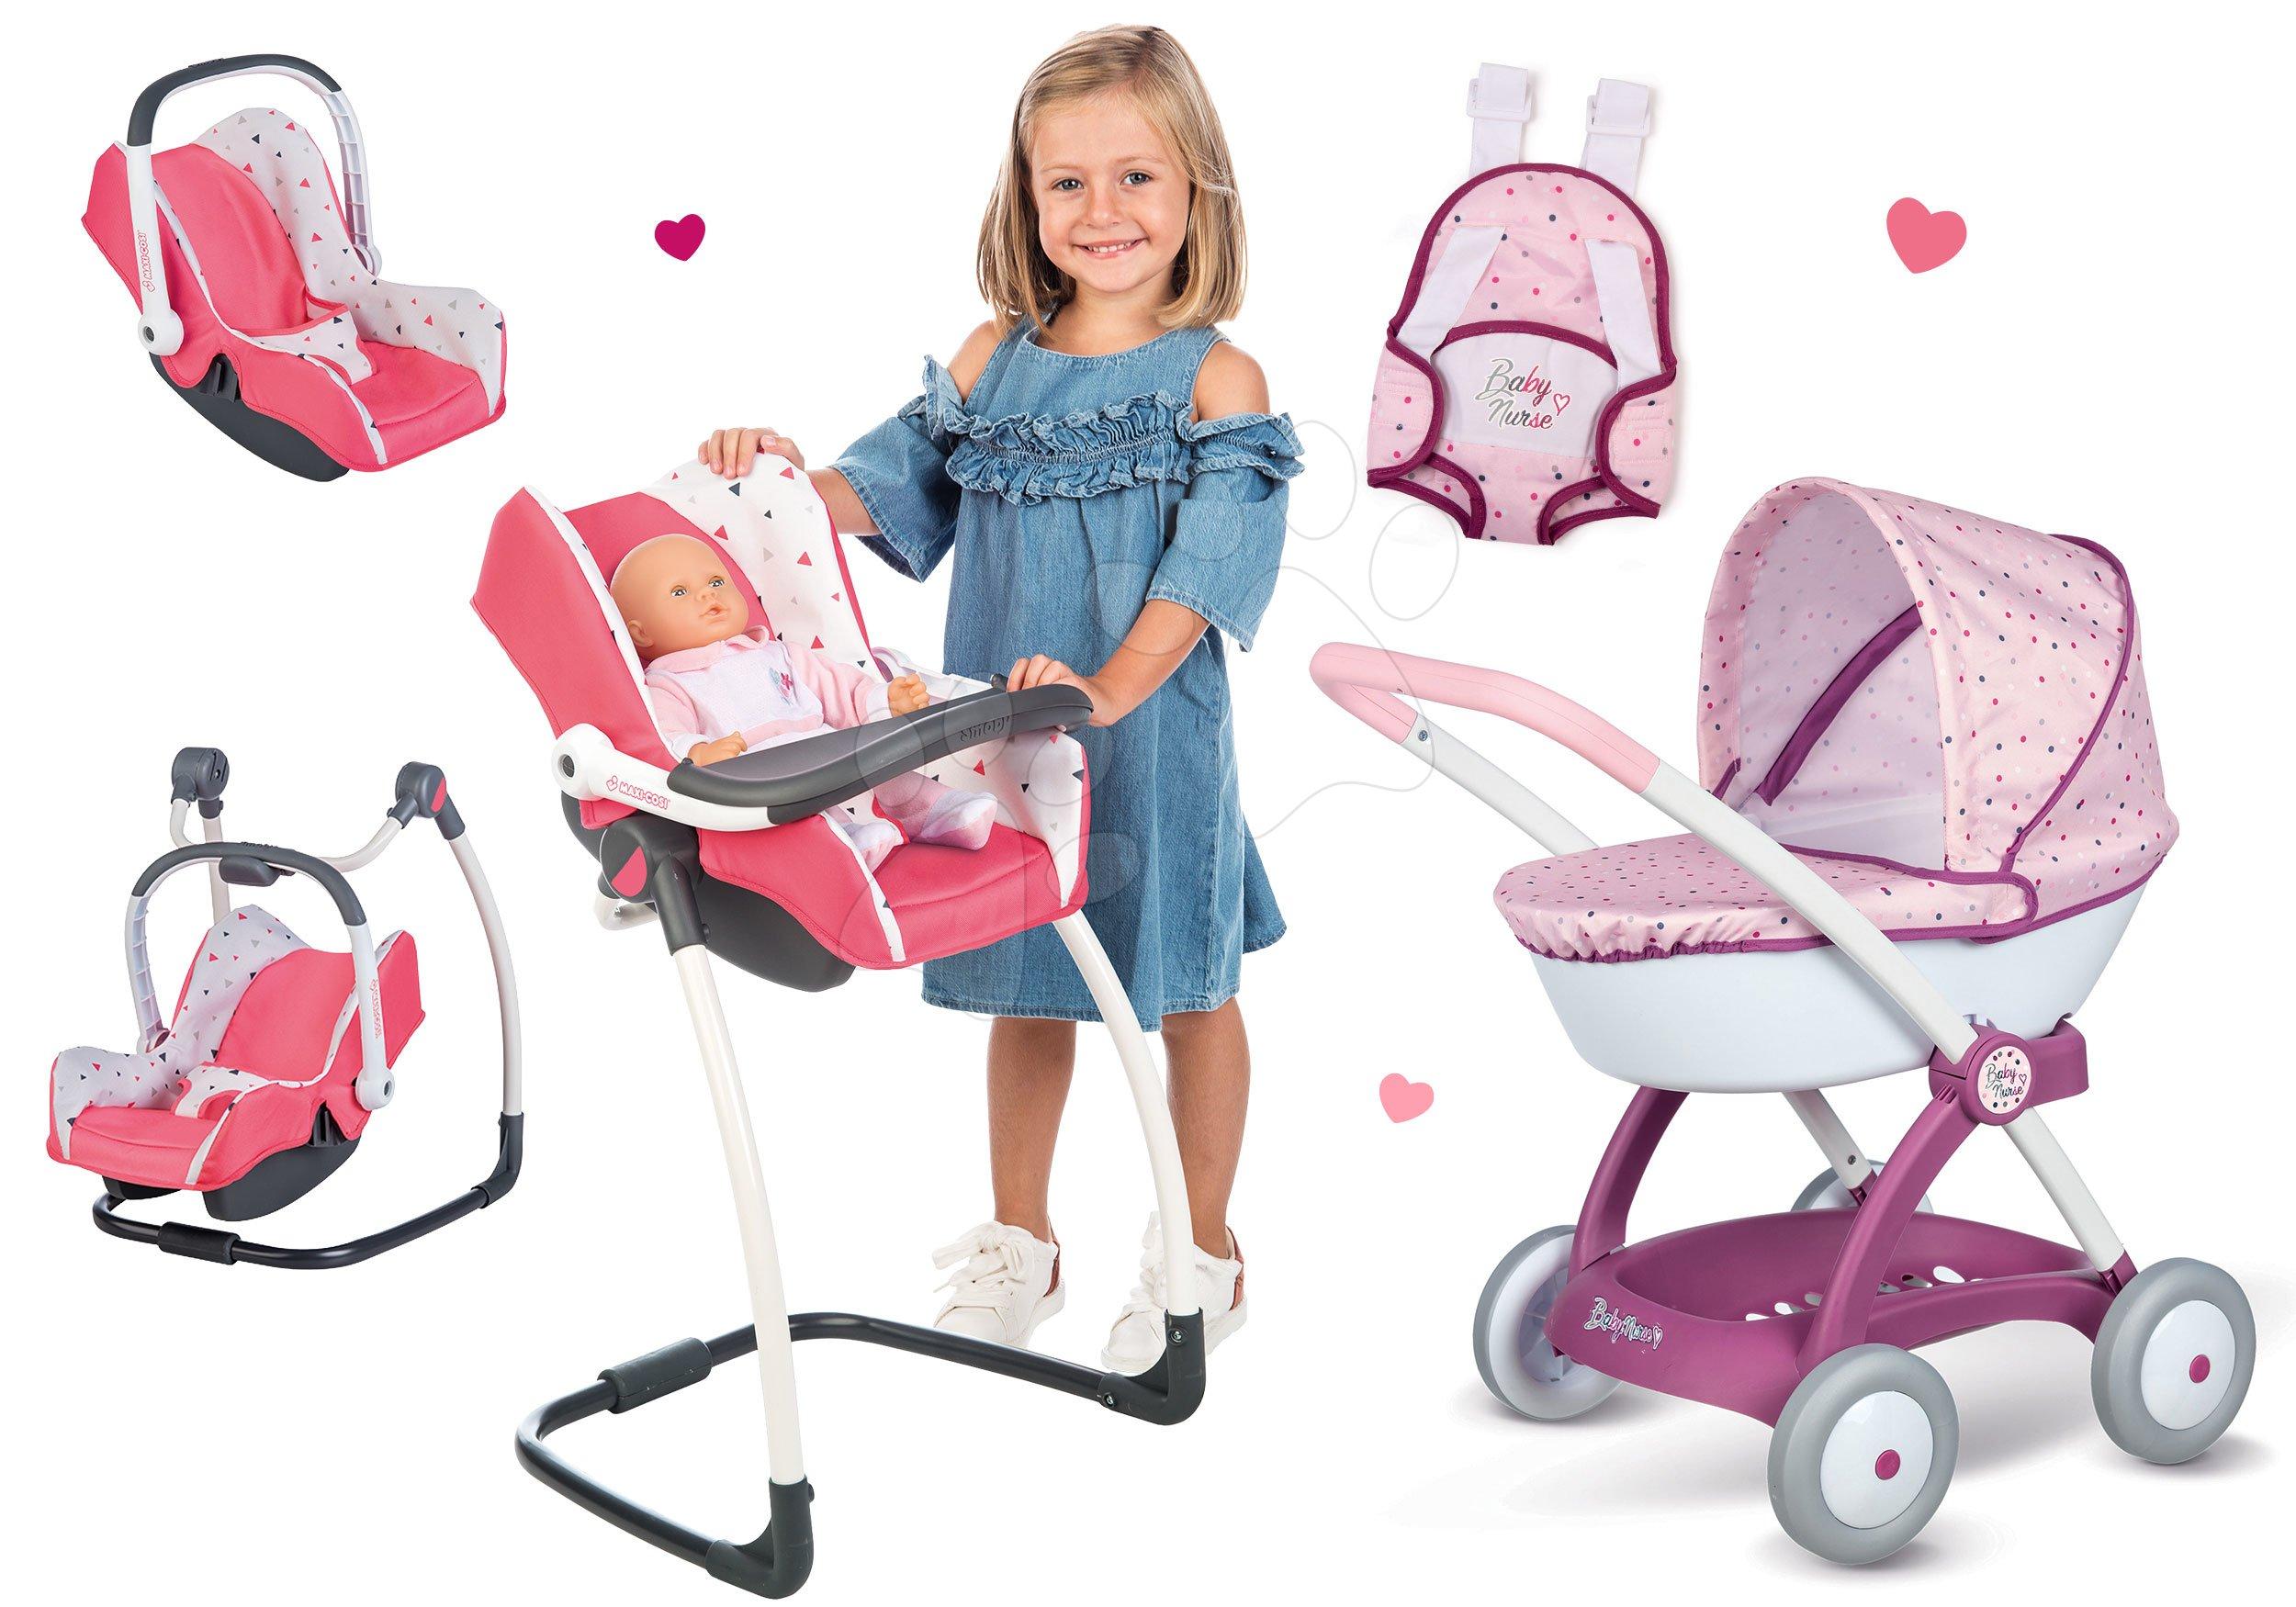 Set jídelní židle s autosedačkou a houpačkou Trio Pastel Maxi Cosi&Quinny Smoby a kočárek hluboký Baby Nurse s nosičem